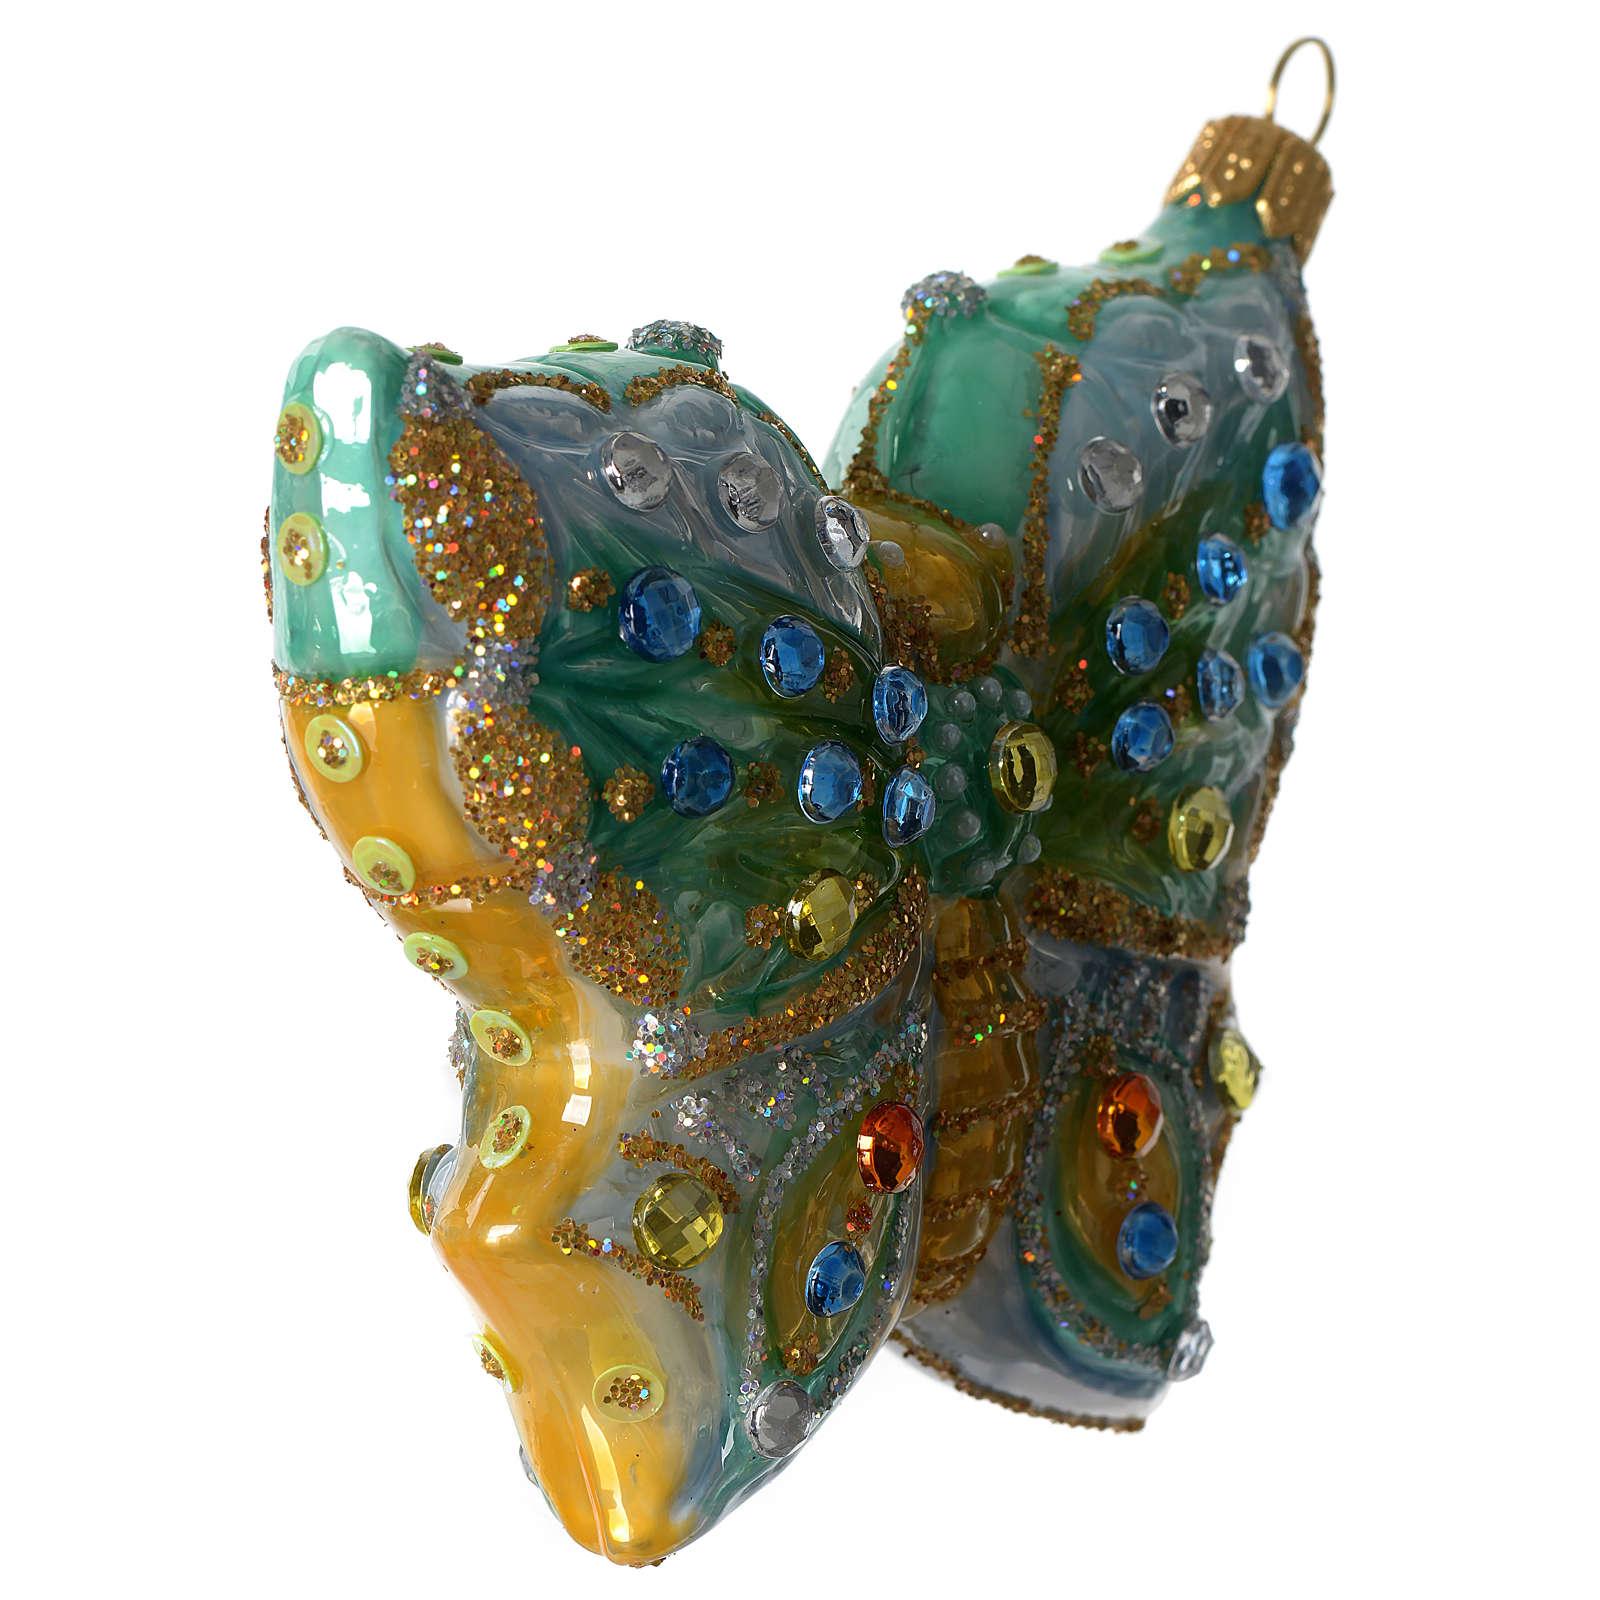 Borboleta adorno em vidro soprado para árvore Natal 4